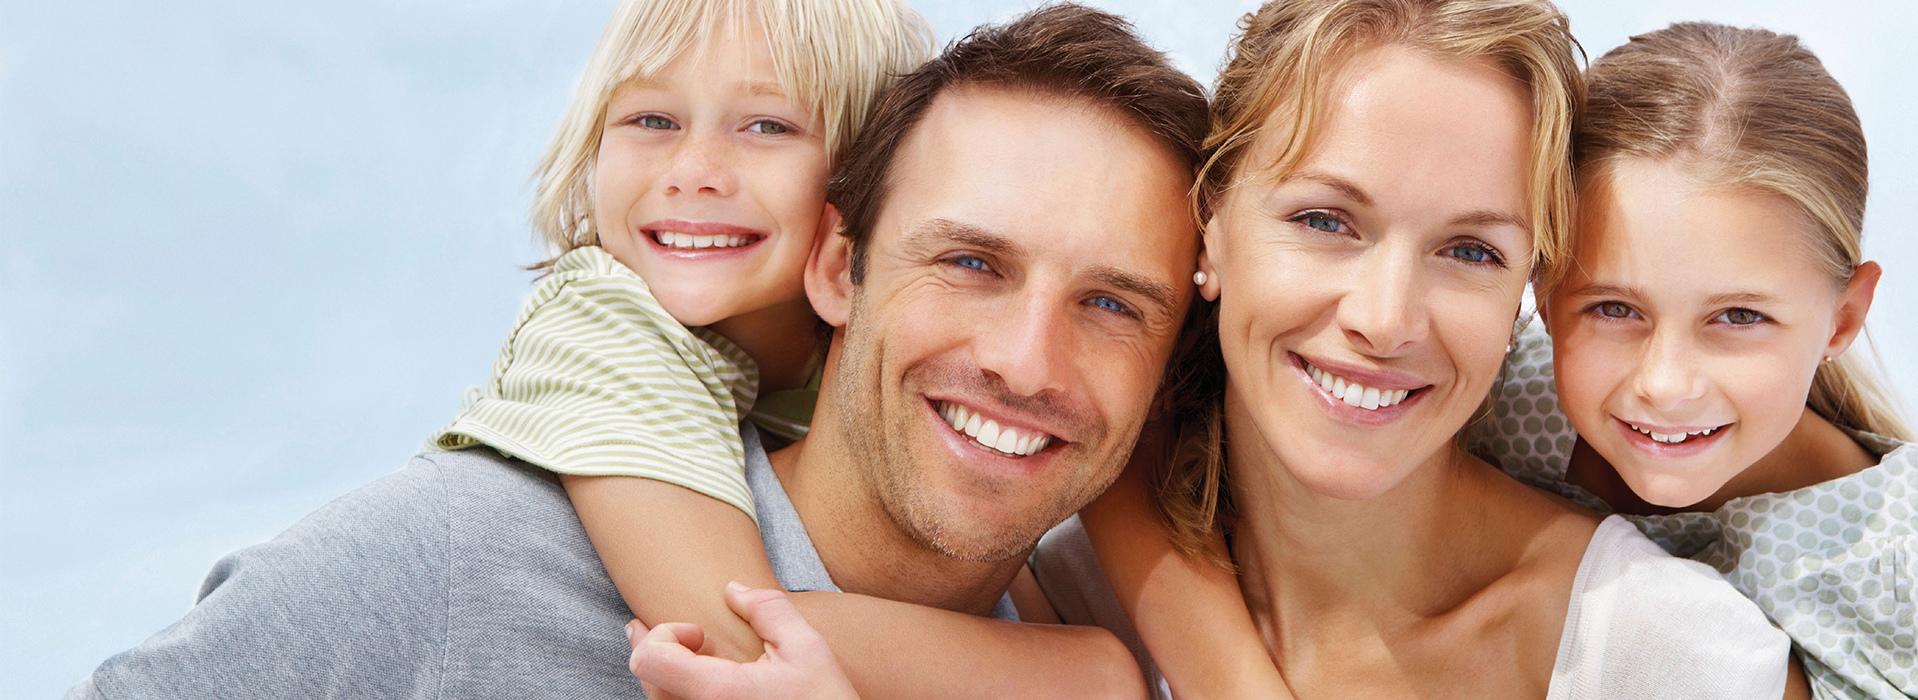 Come accogliere una famiglia?